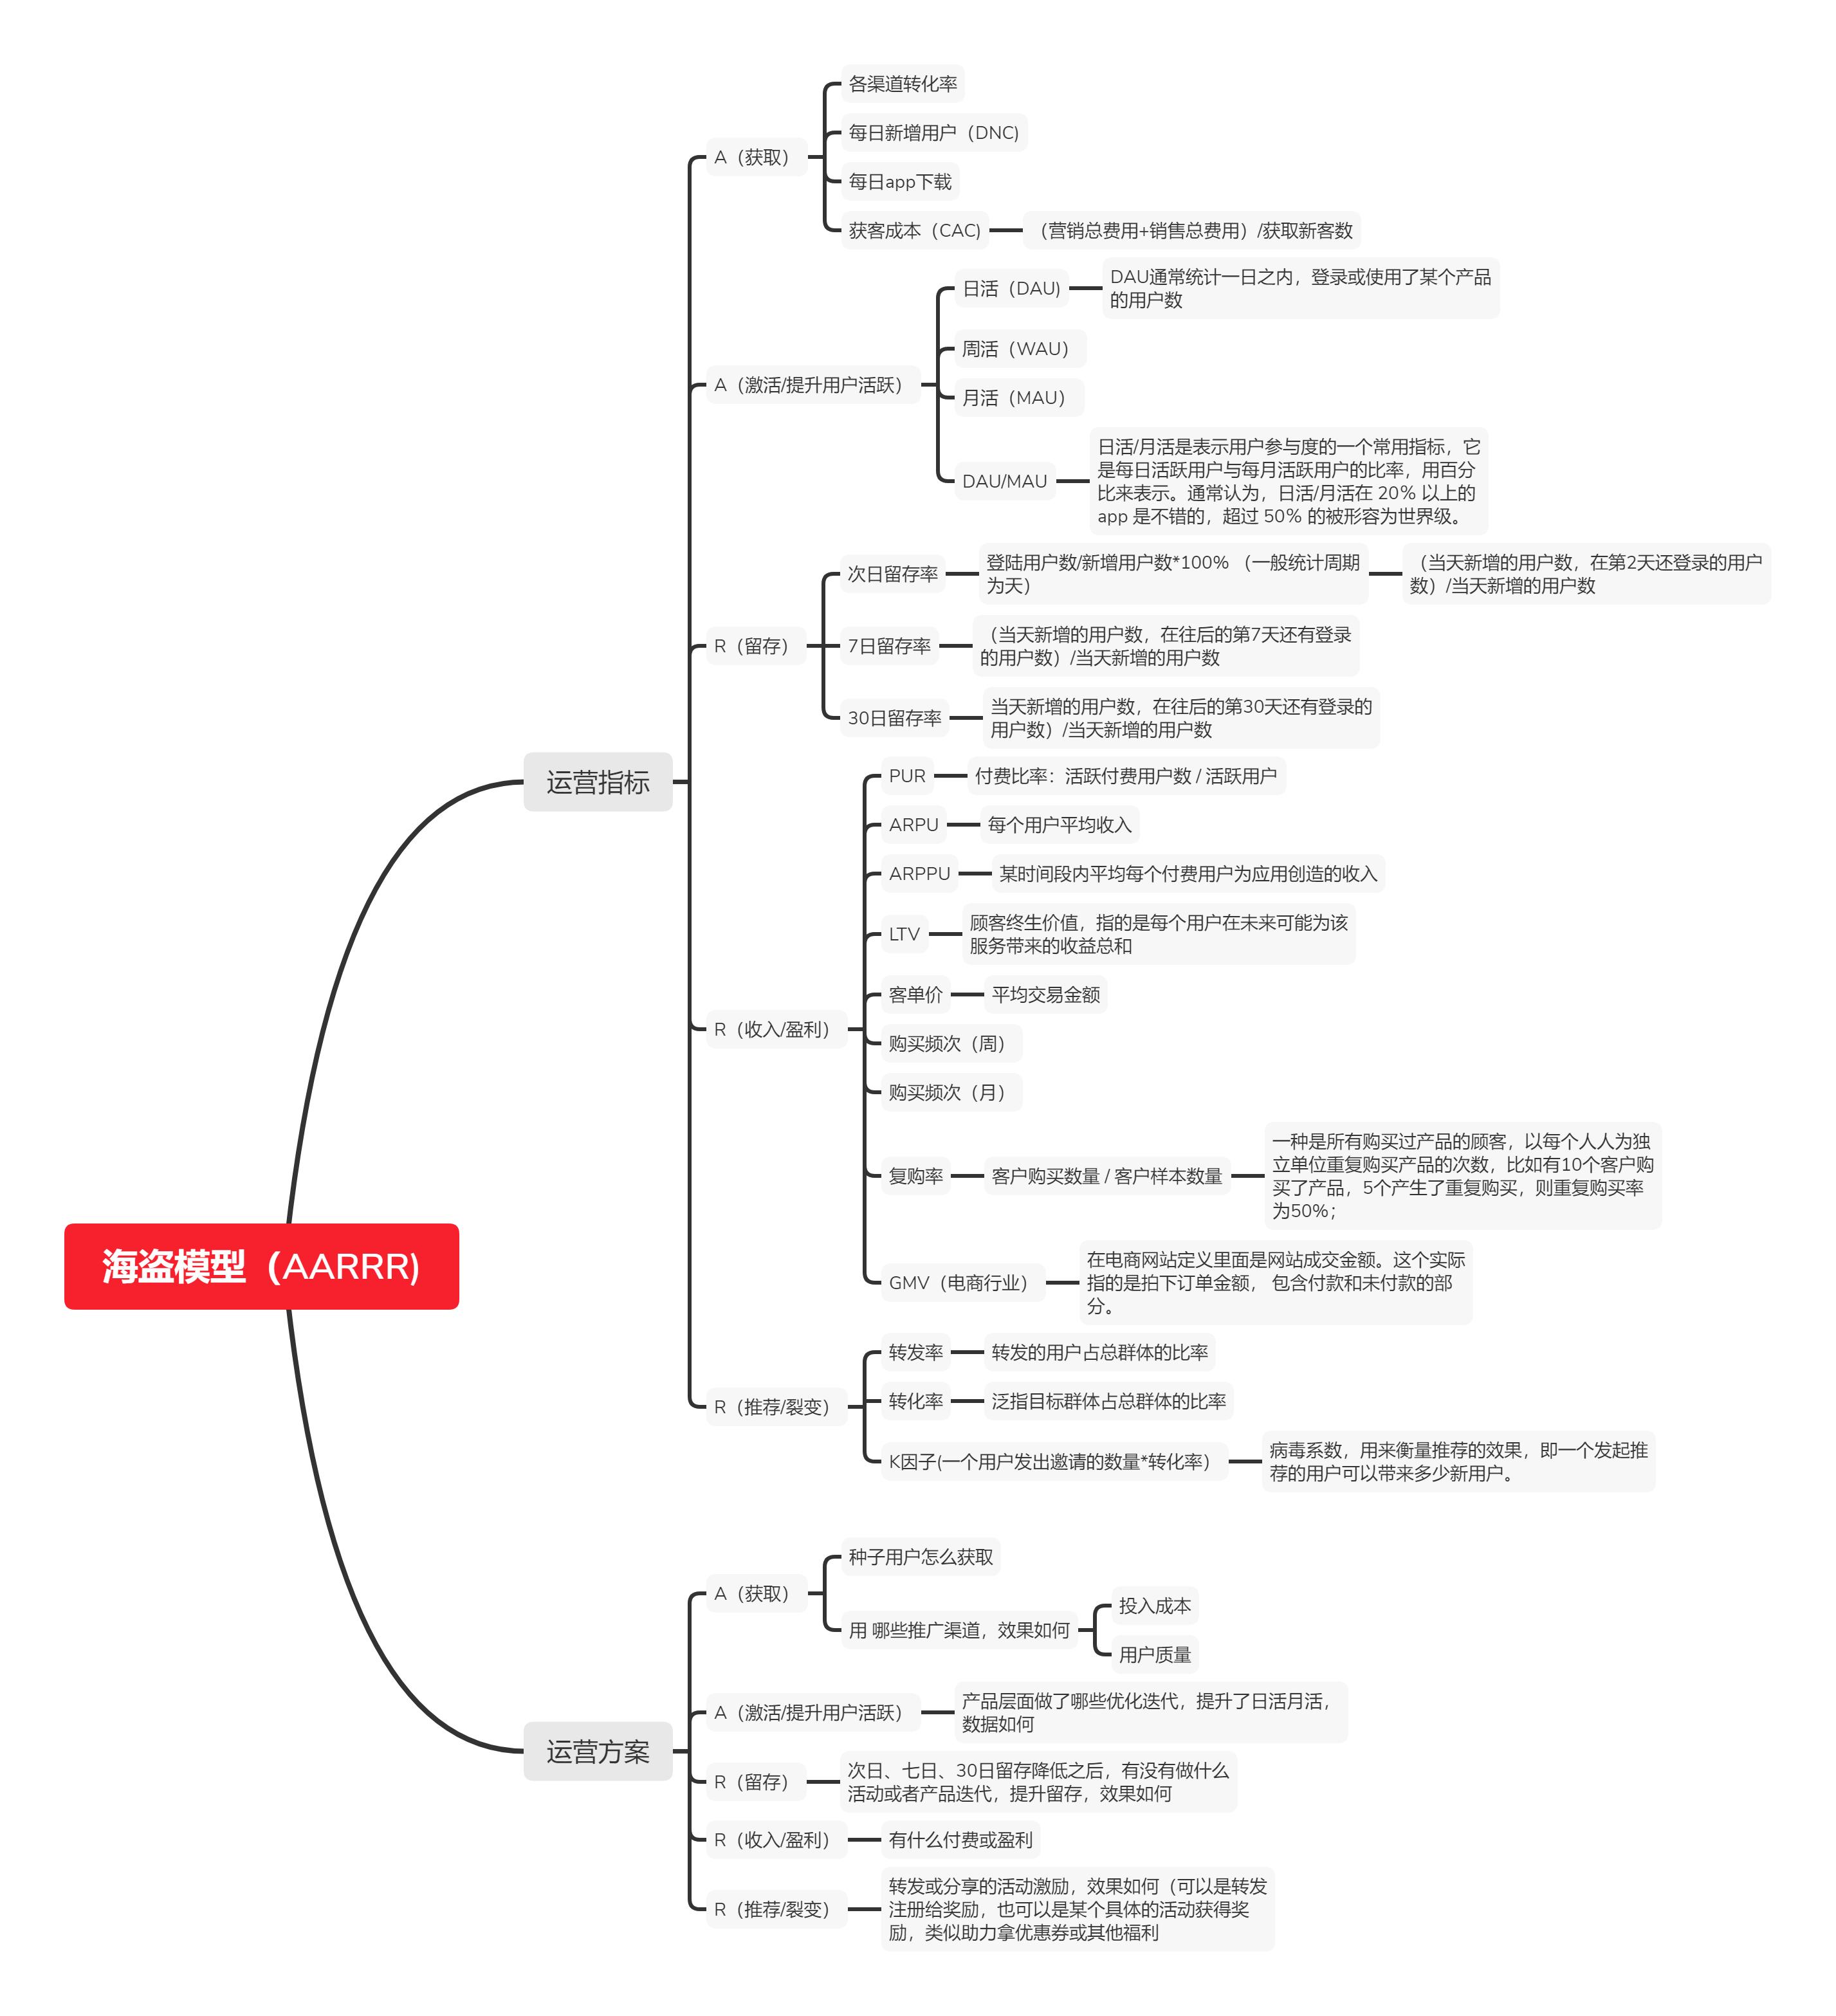 基于AARRR模型分析产品运营 AARRR模型 第5张